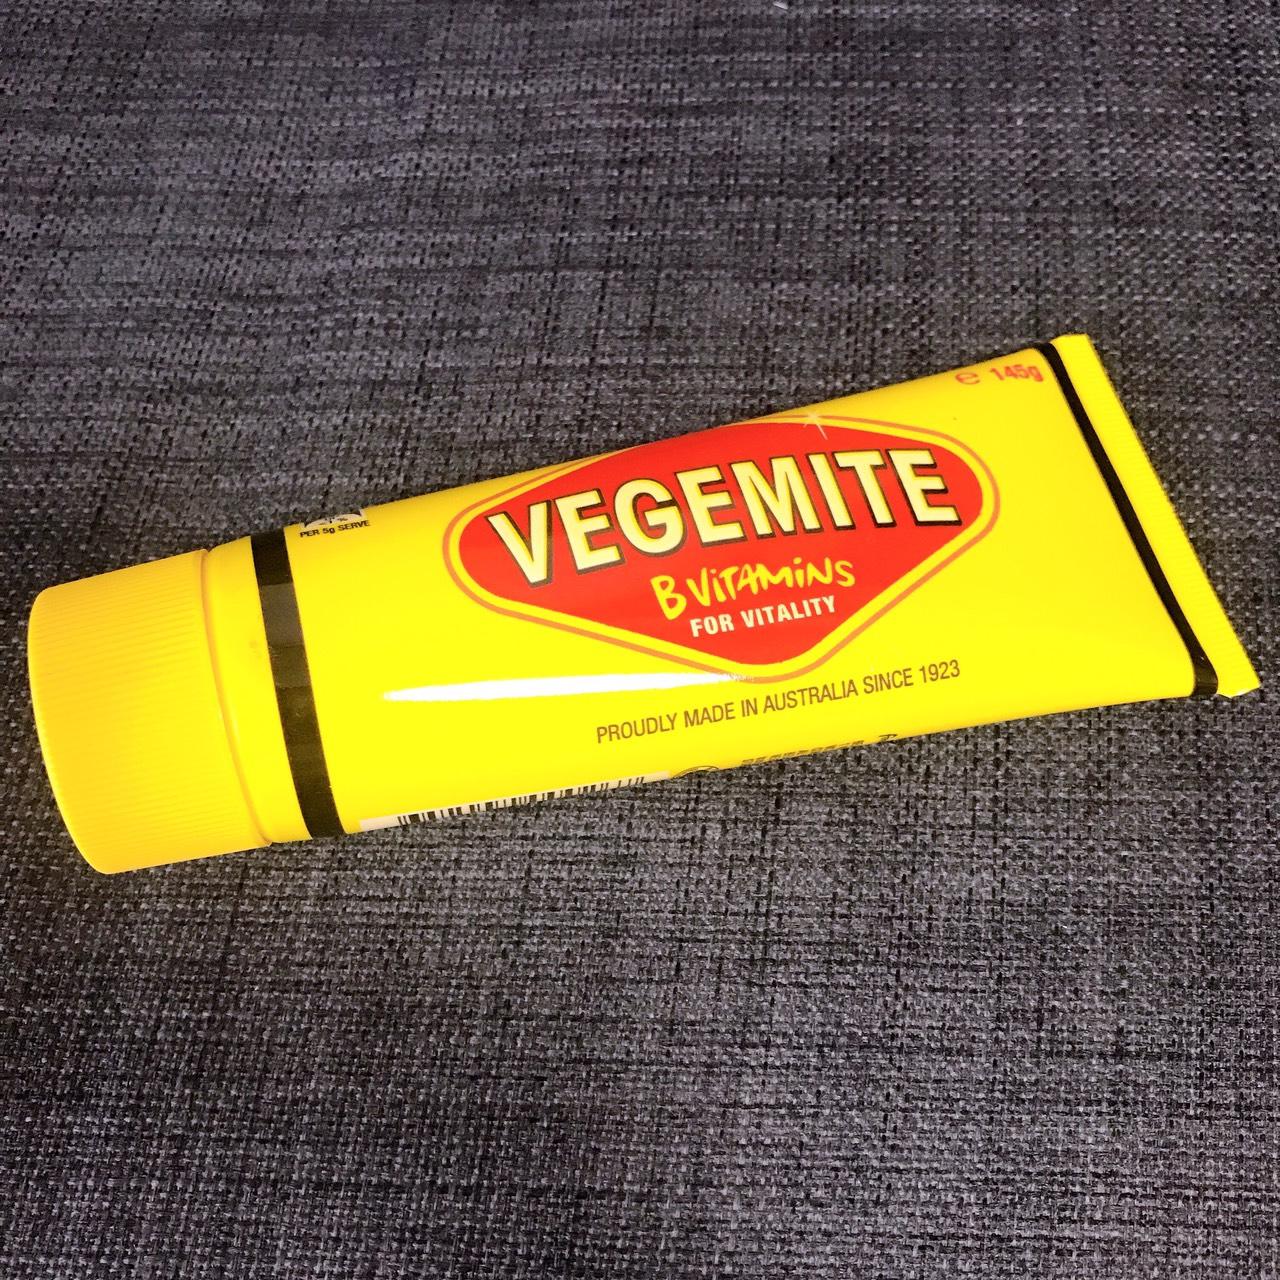 オーストラリアで大人気!?Vegemite(ベジマイト)からの洗車